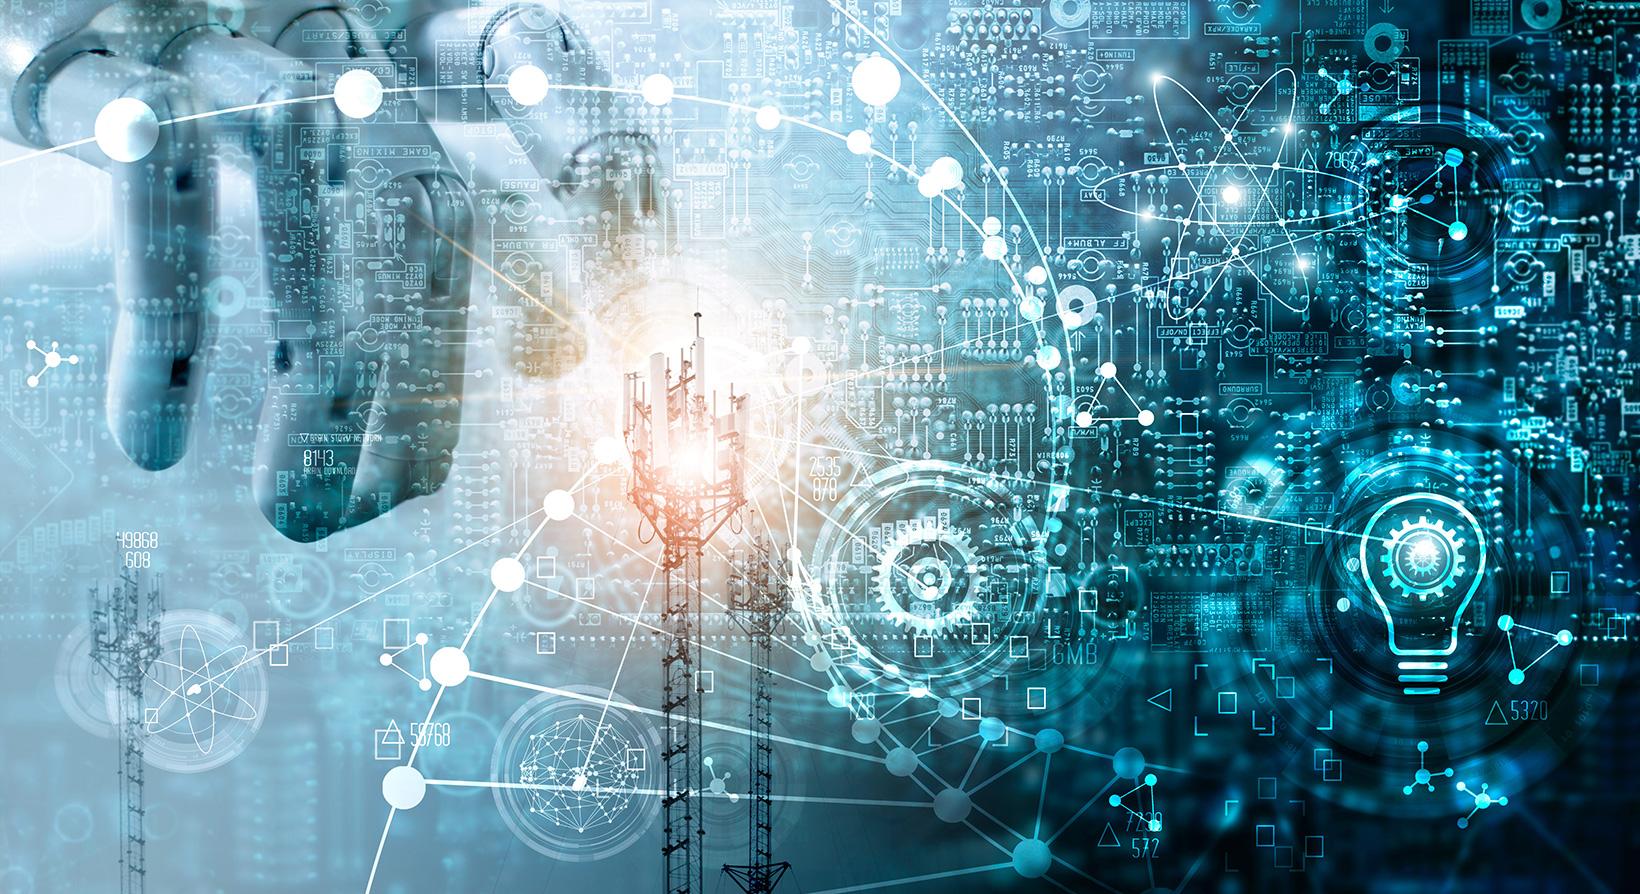 医疗物联网飞速发展,医疗大数据分析迎来新机遇